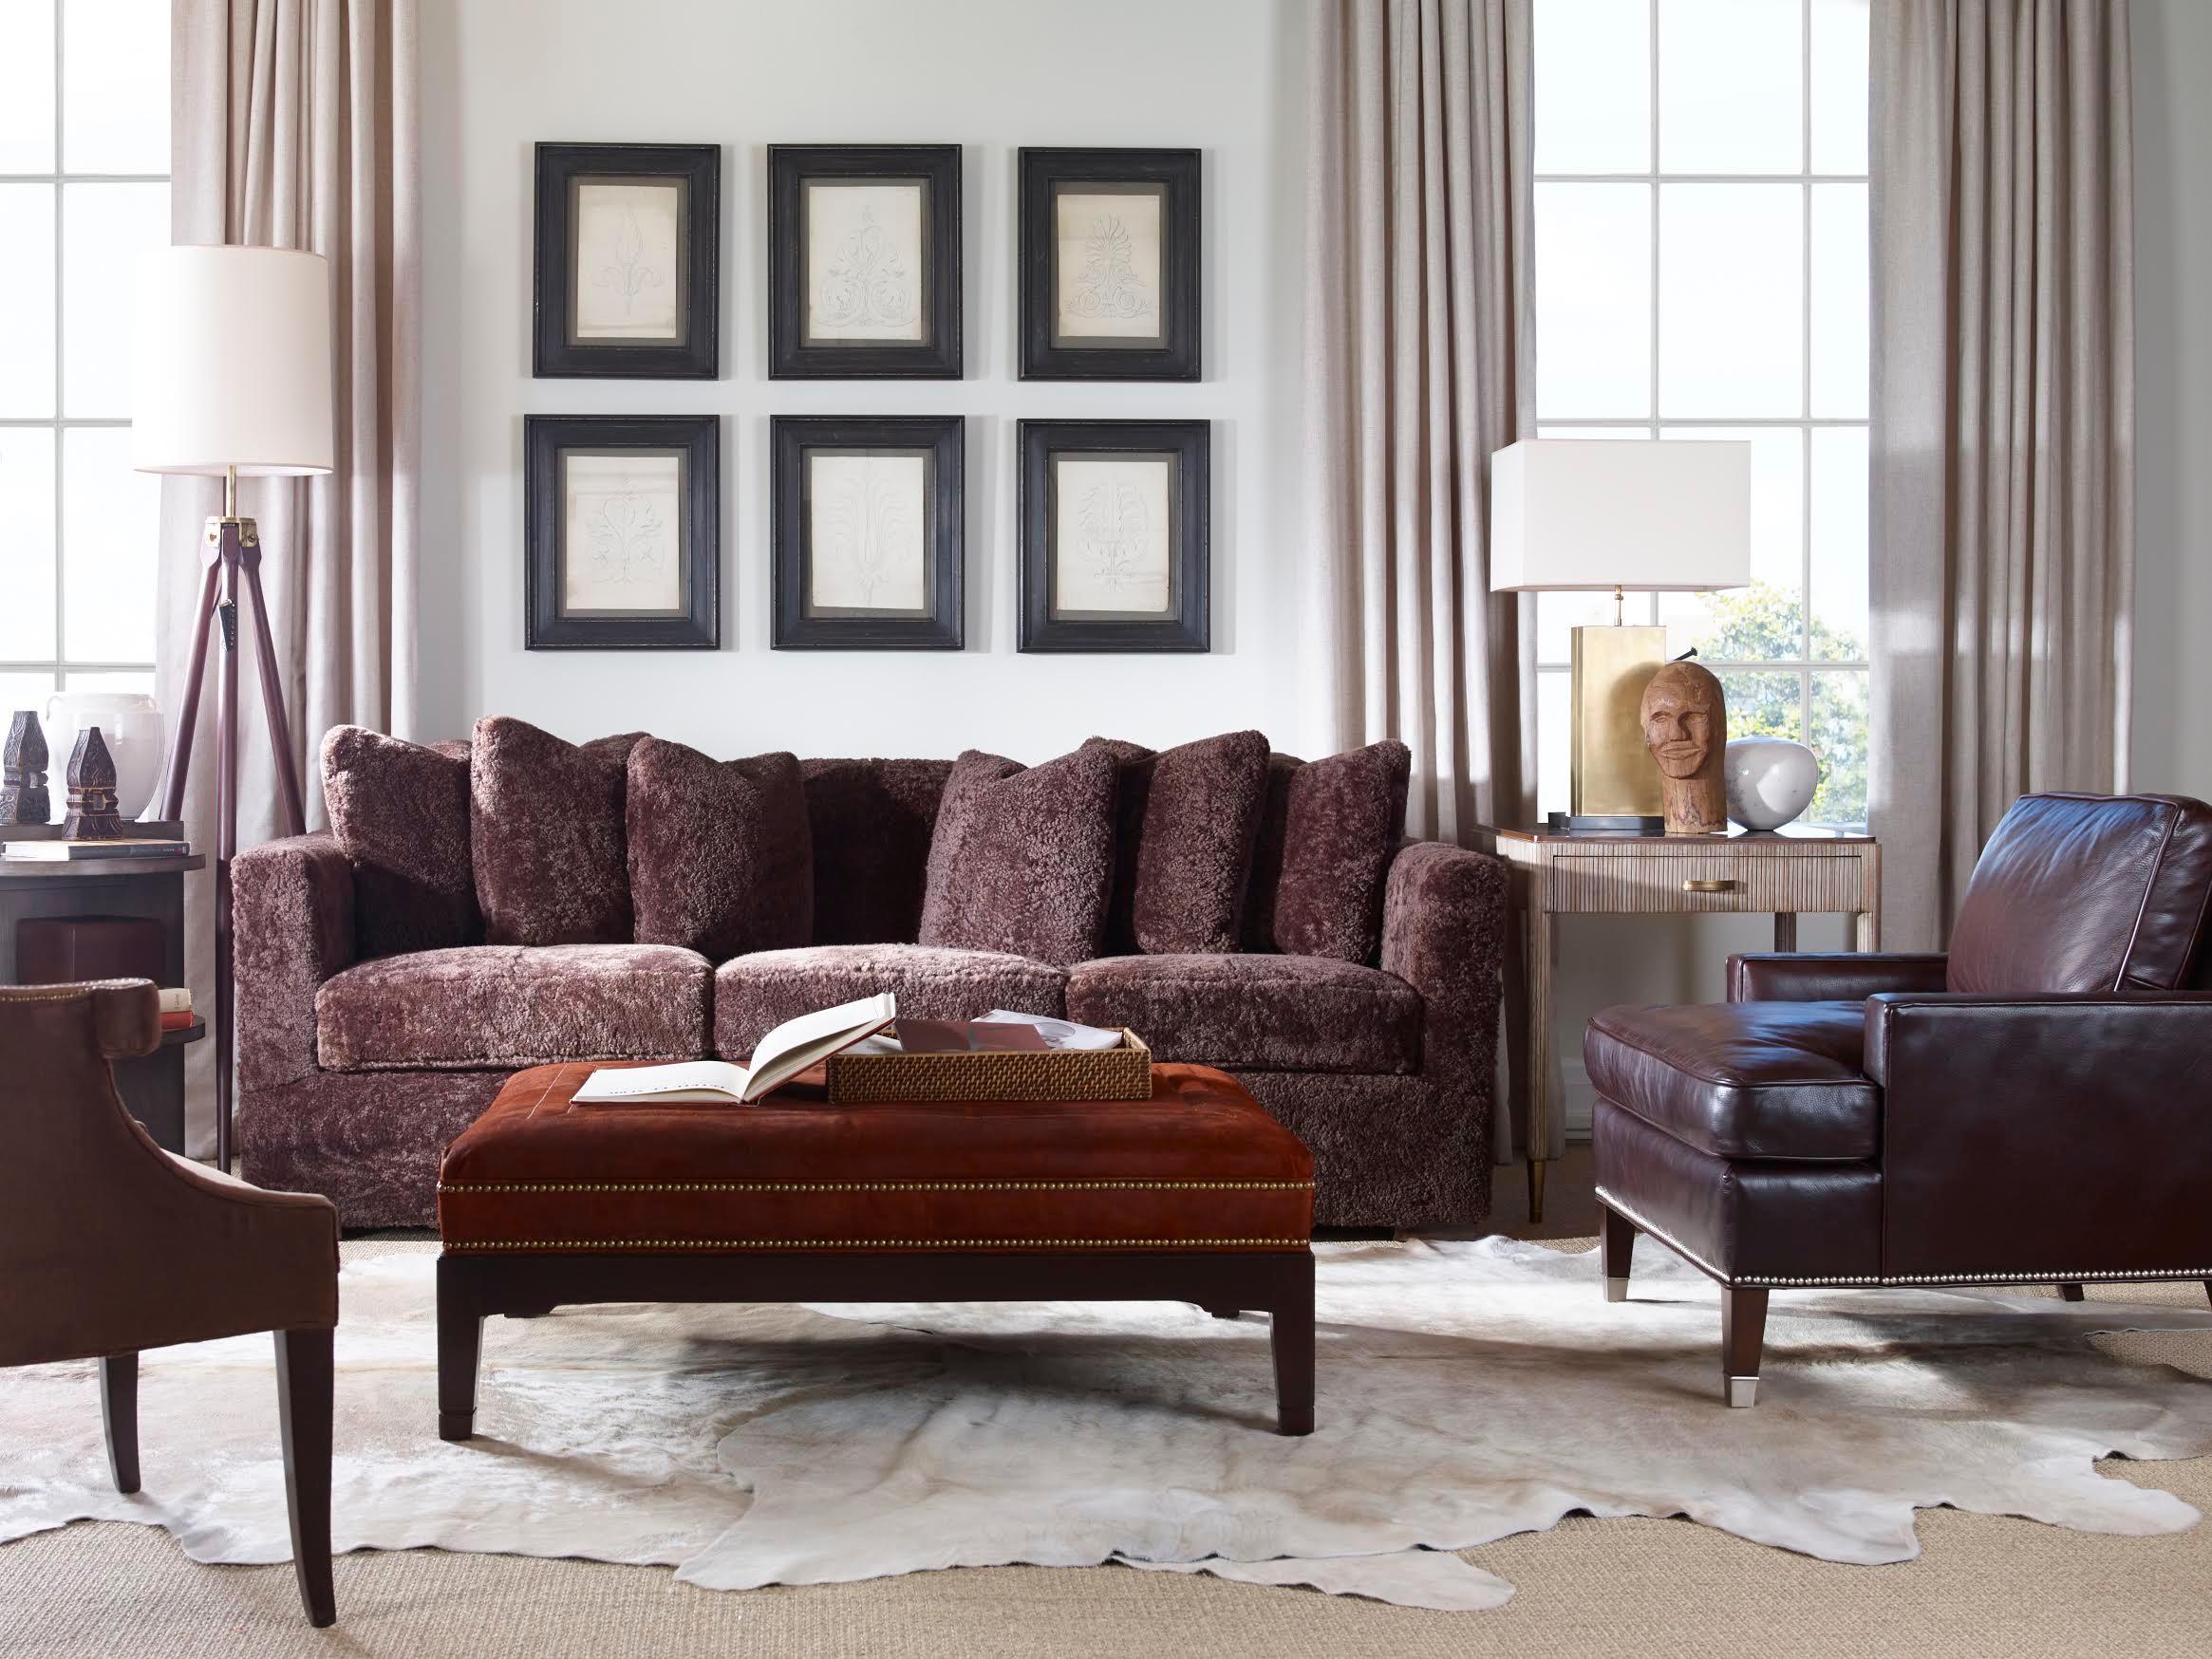 Gasior's Furniture & Interior Design image 1